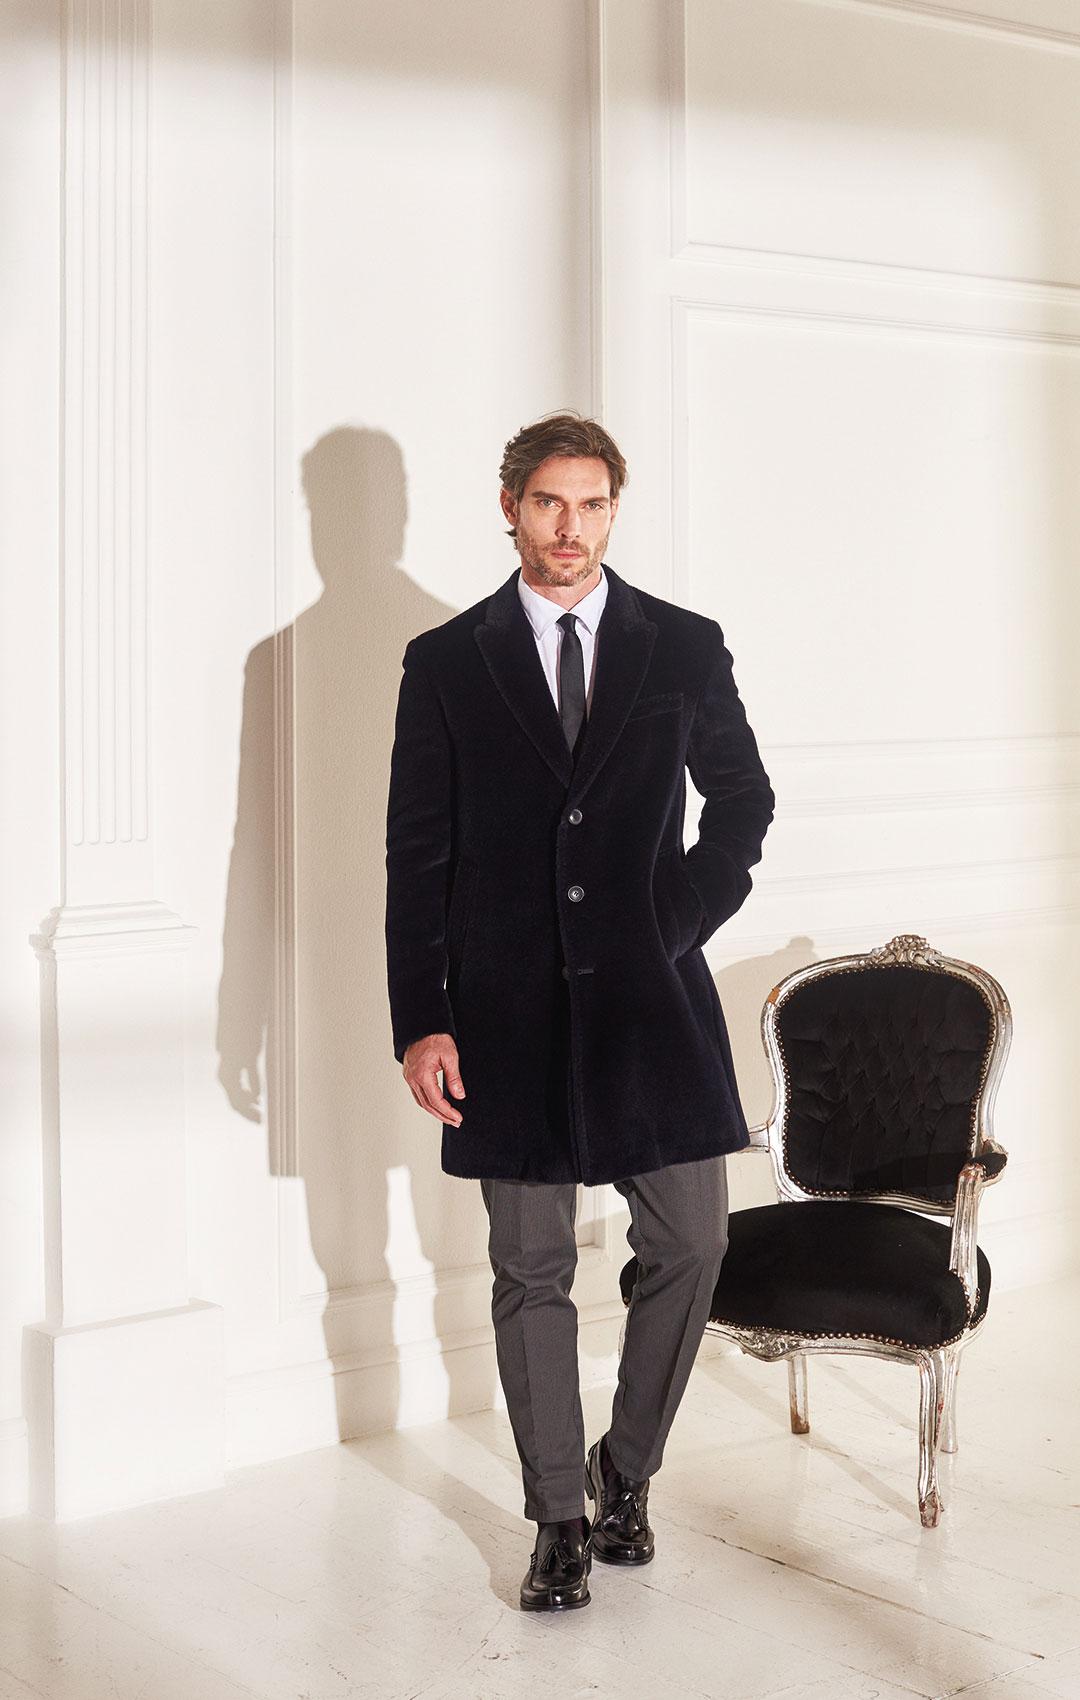 lenoci luxury - cappotto 100% alpaca spalla napoletana, Sartoriale